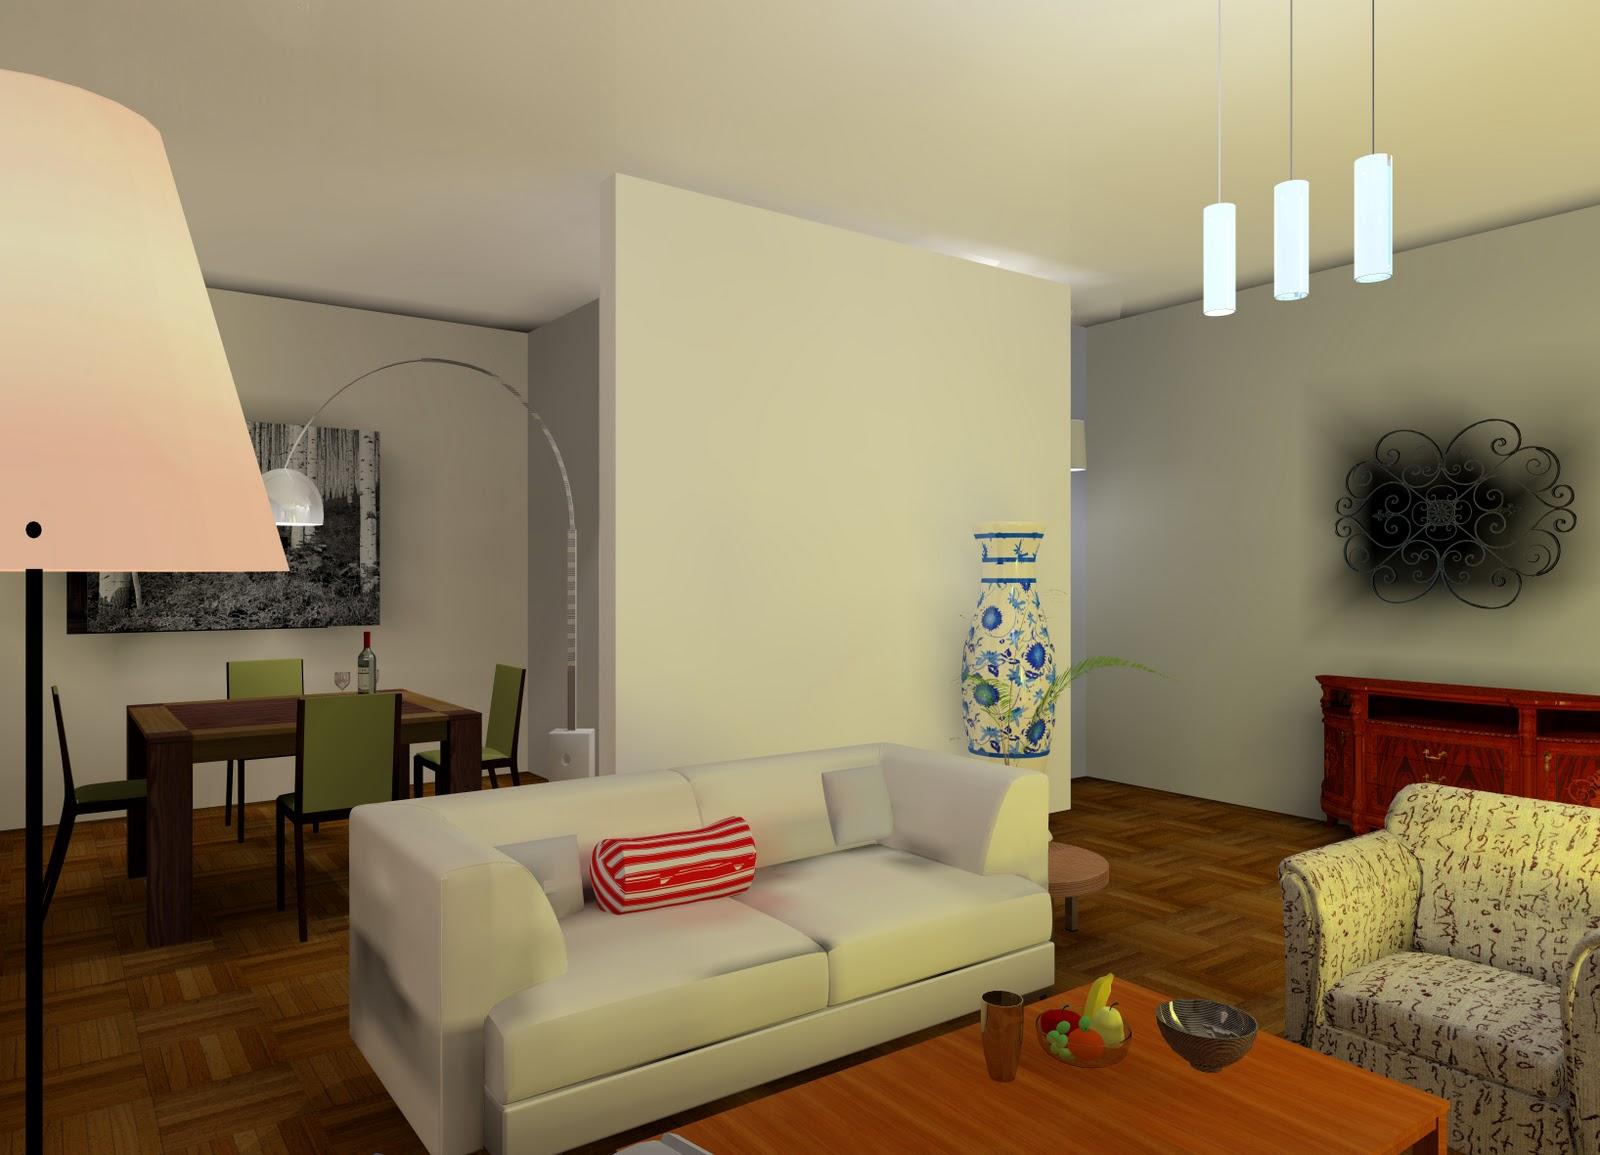 Comporre Una Cucina Online. Montaggio Cucine Leroy Merlin Elegante ...